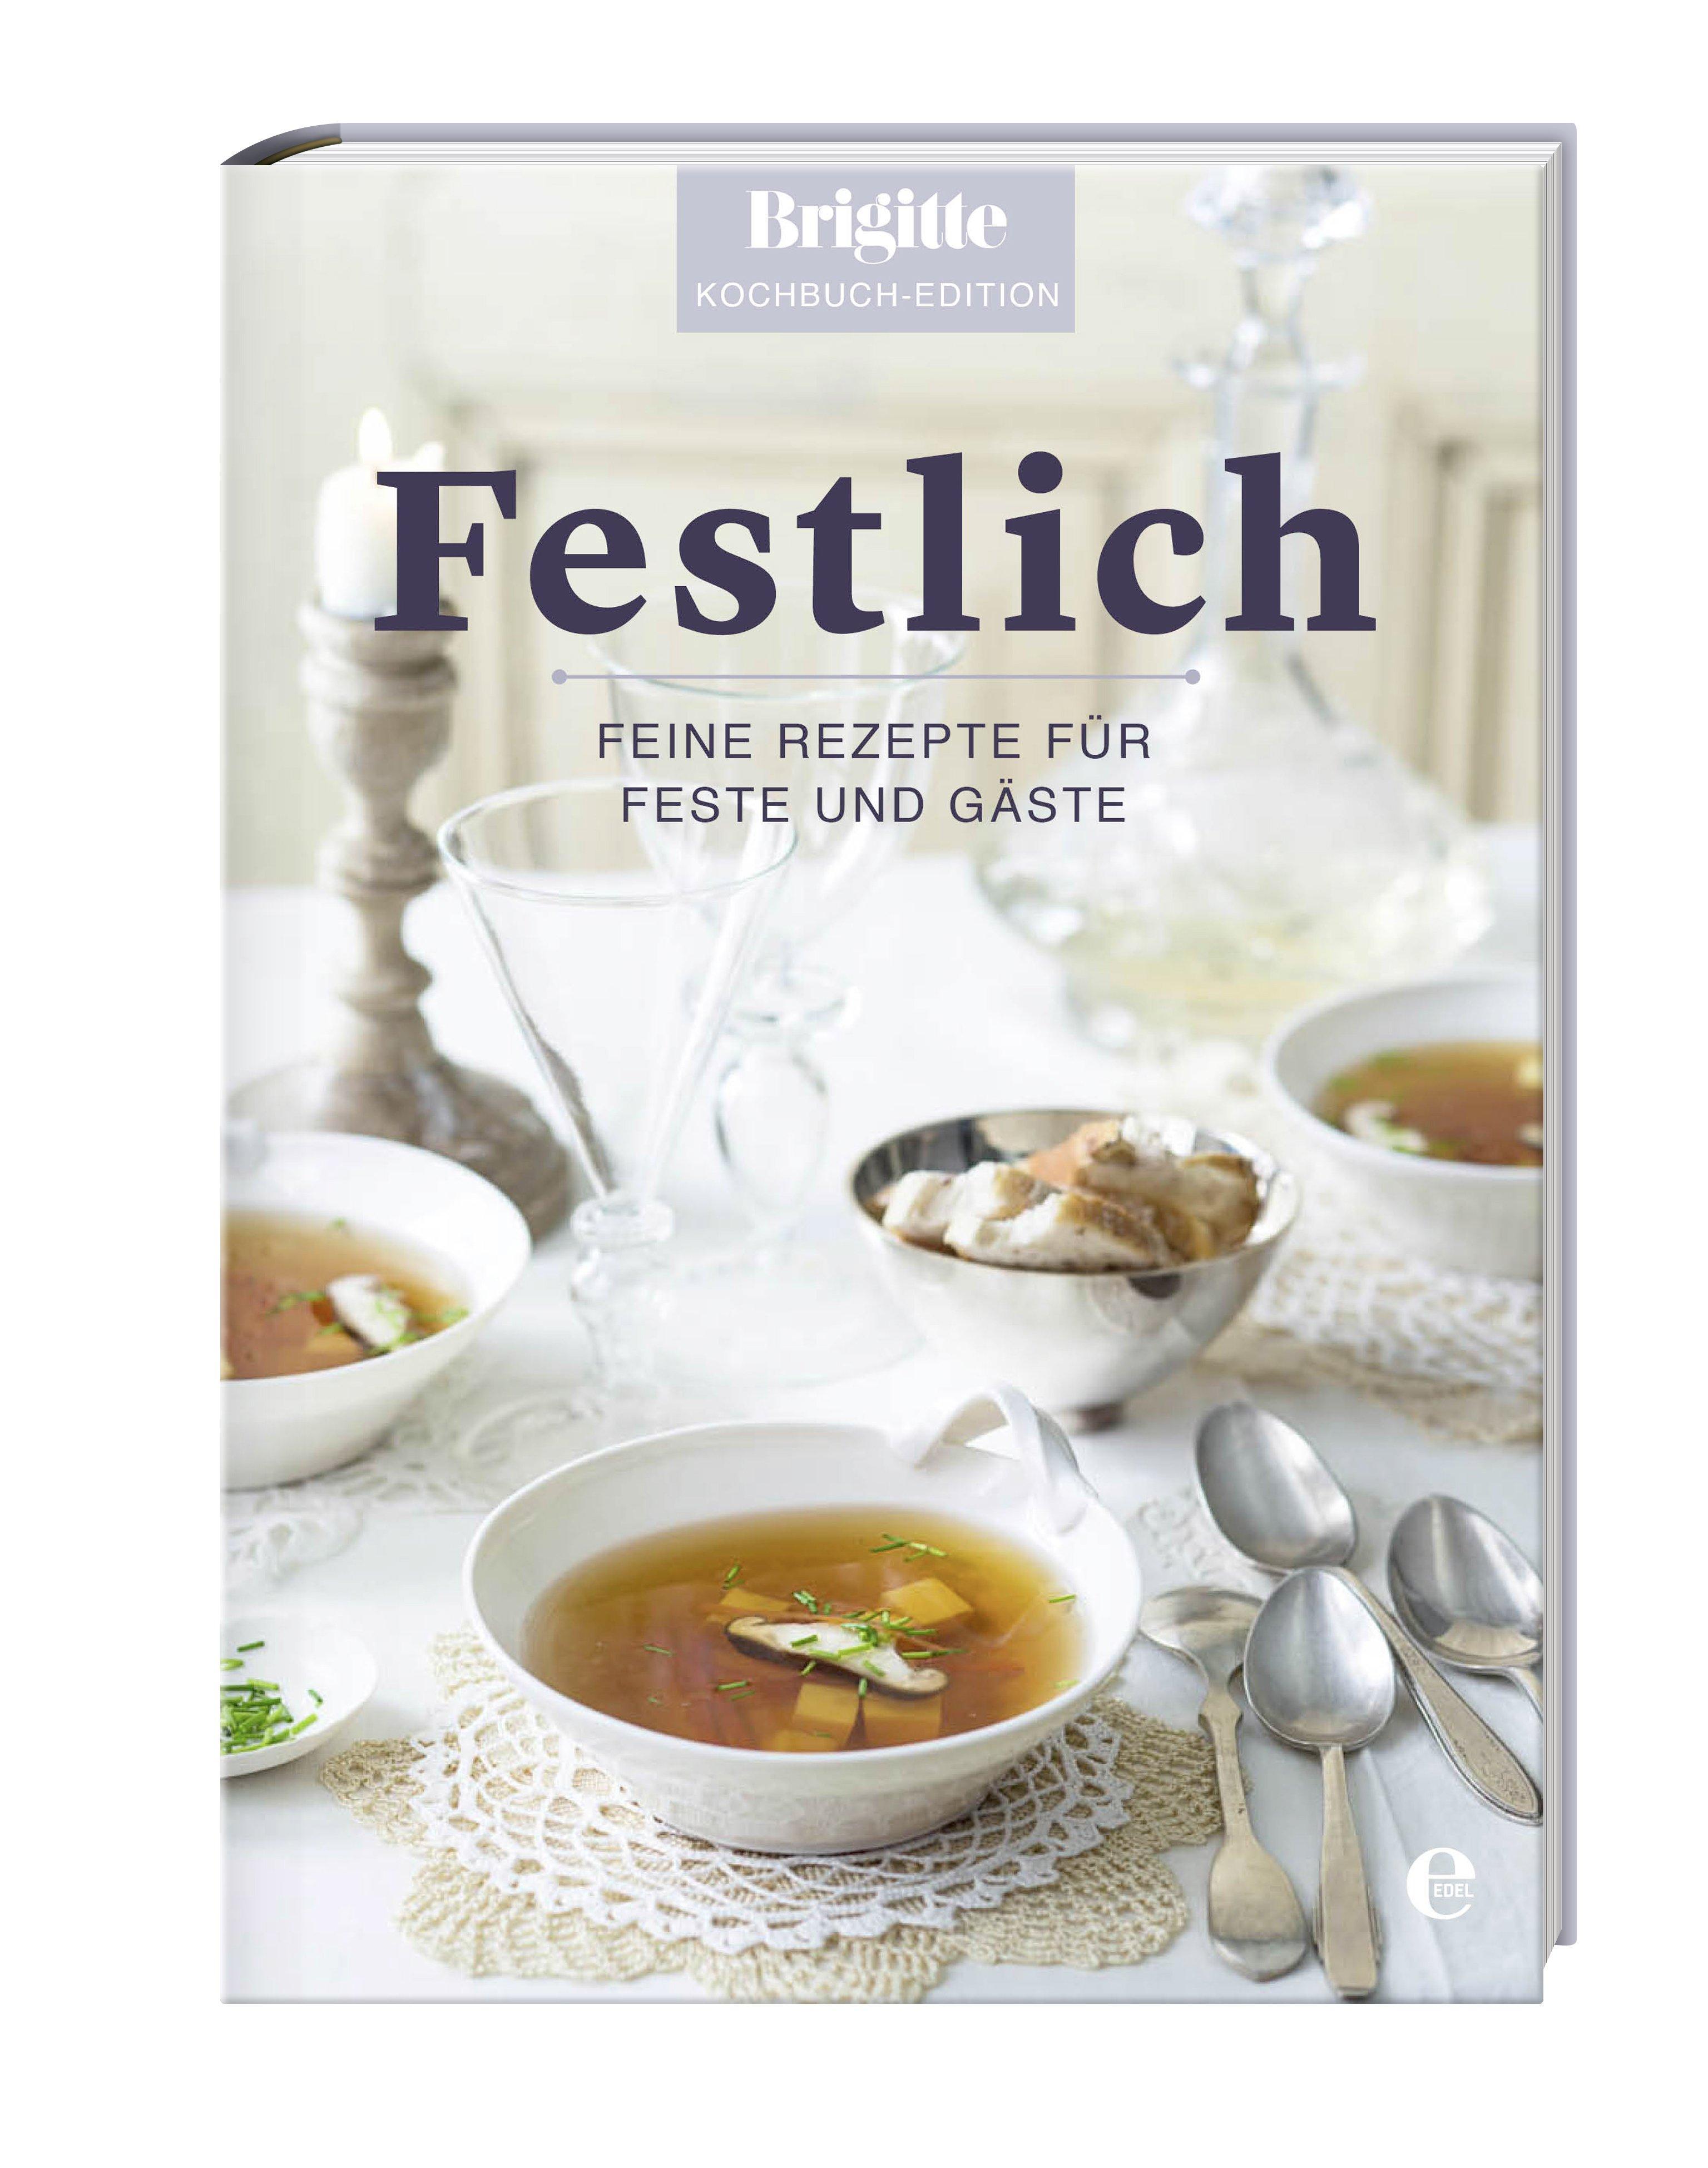 Brigitte-Kochbuch-Edition-Festlich